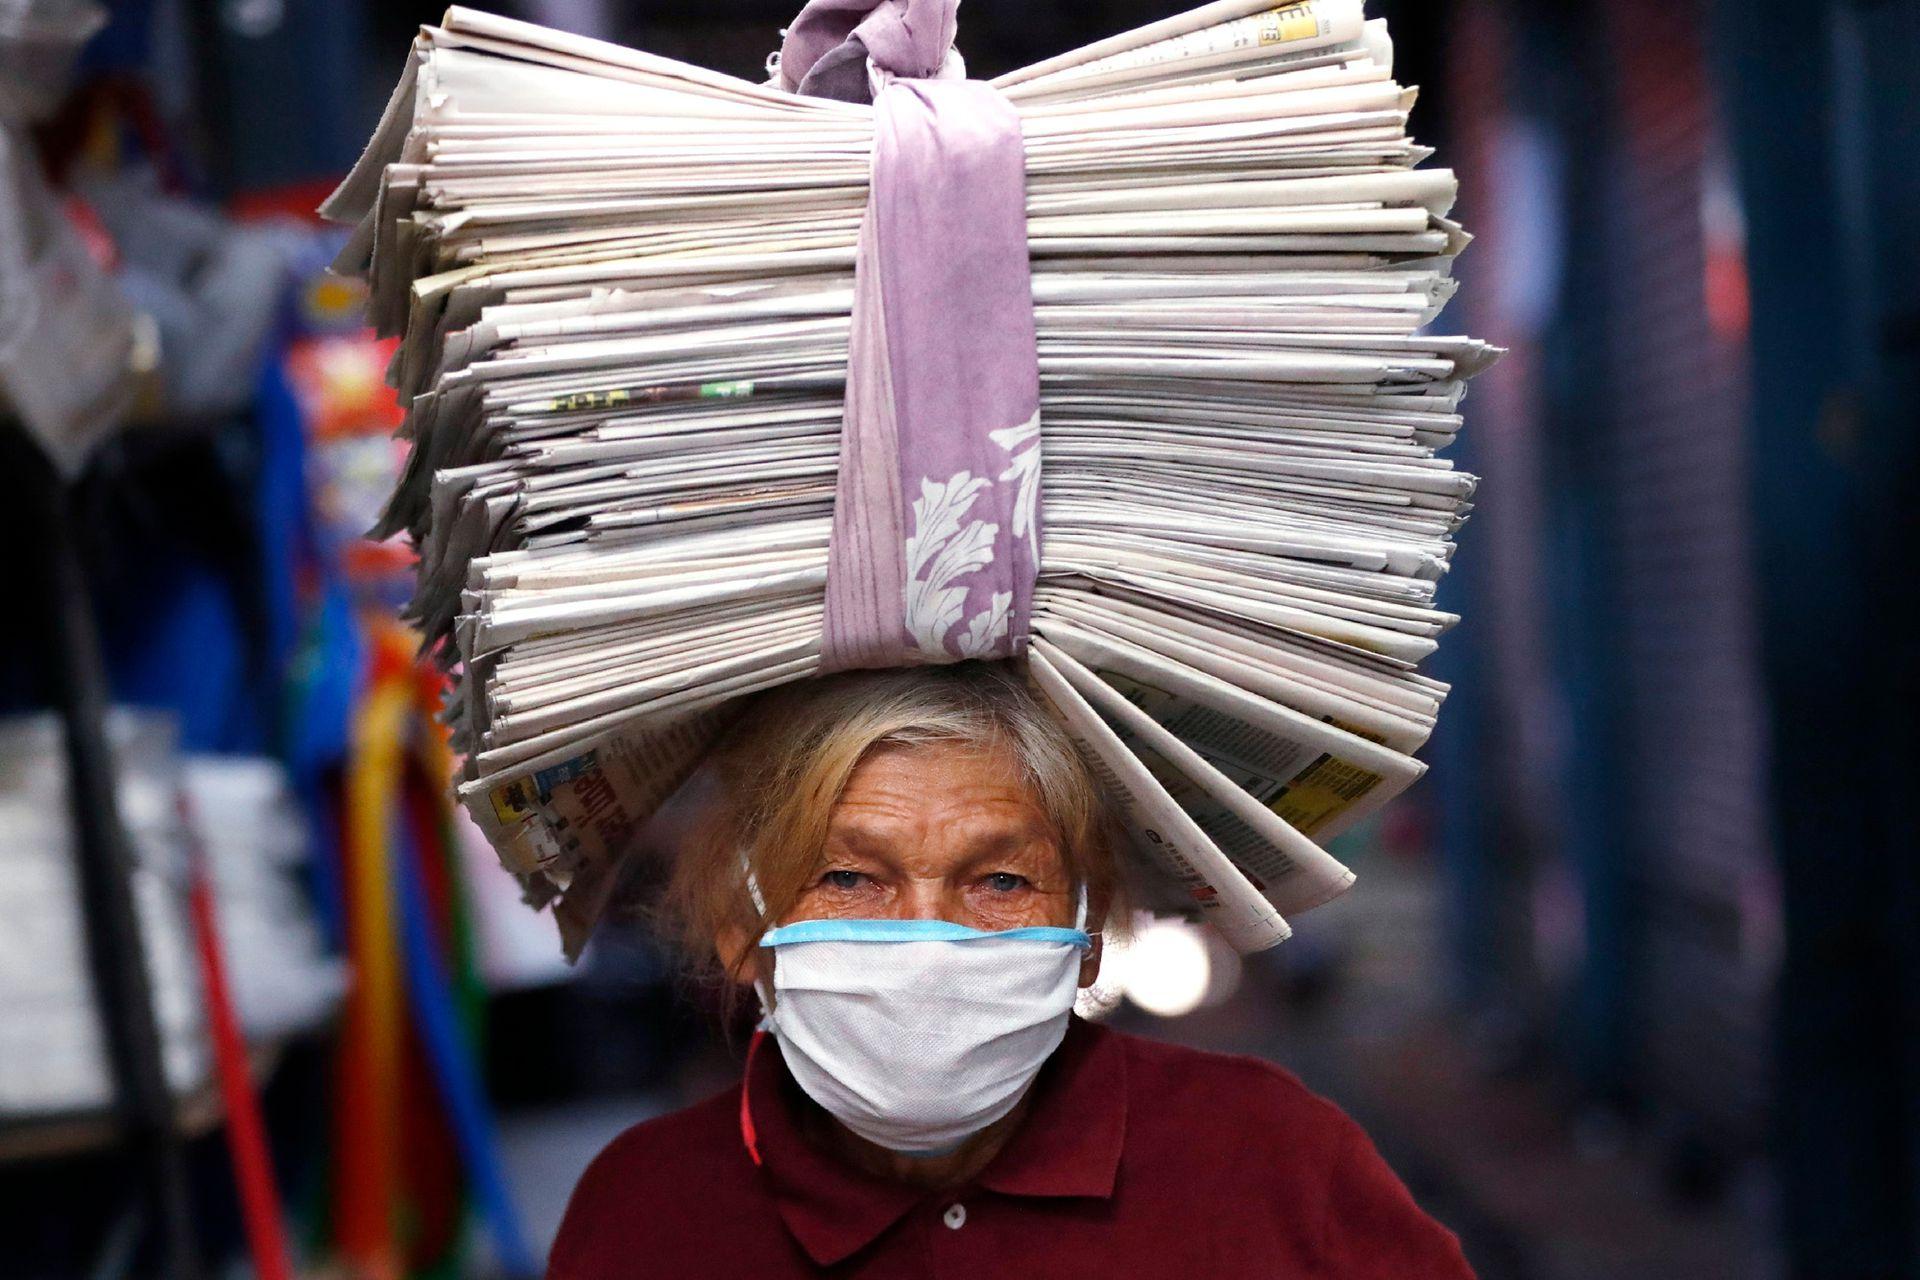 Guillermina de Figueredo, de 72 años, balancea periódicos reciclados en su cabeza que vende a comerciantes que los usan como envoltorios